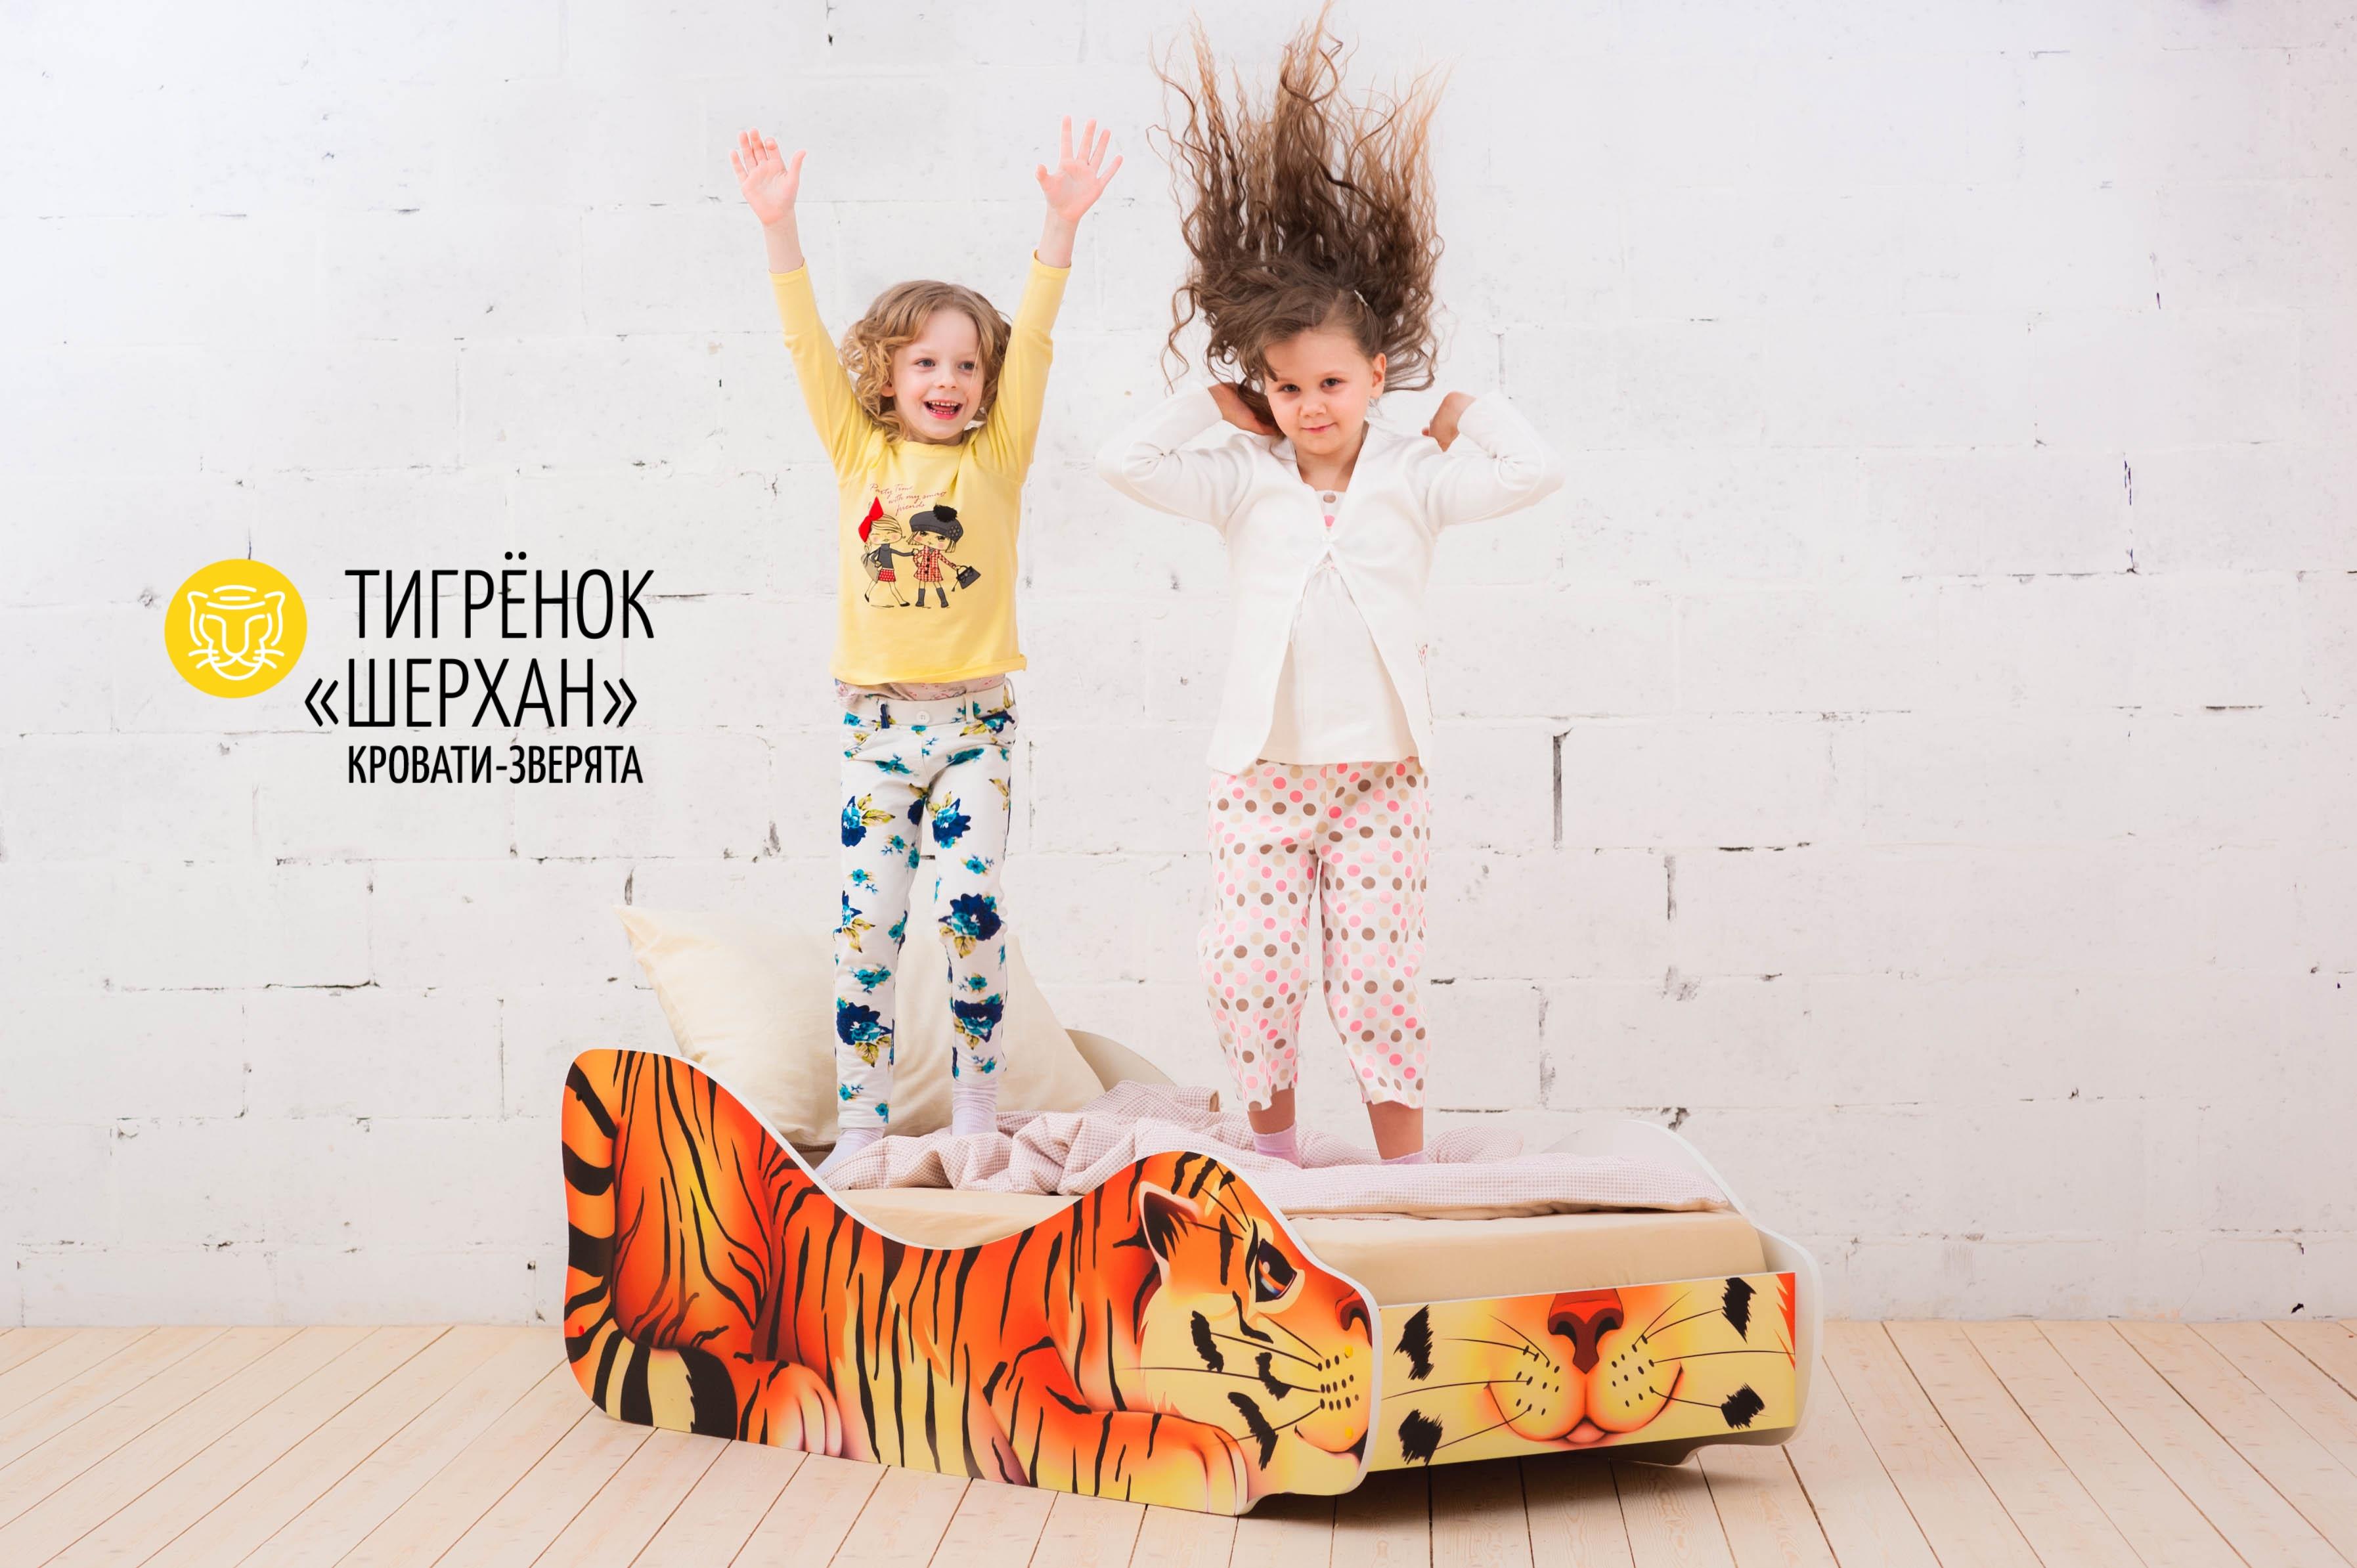 Детская кровать-зверенок -Тигренок-Шерхан-10